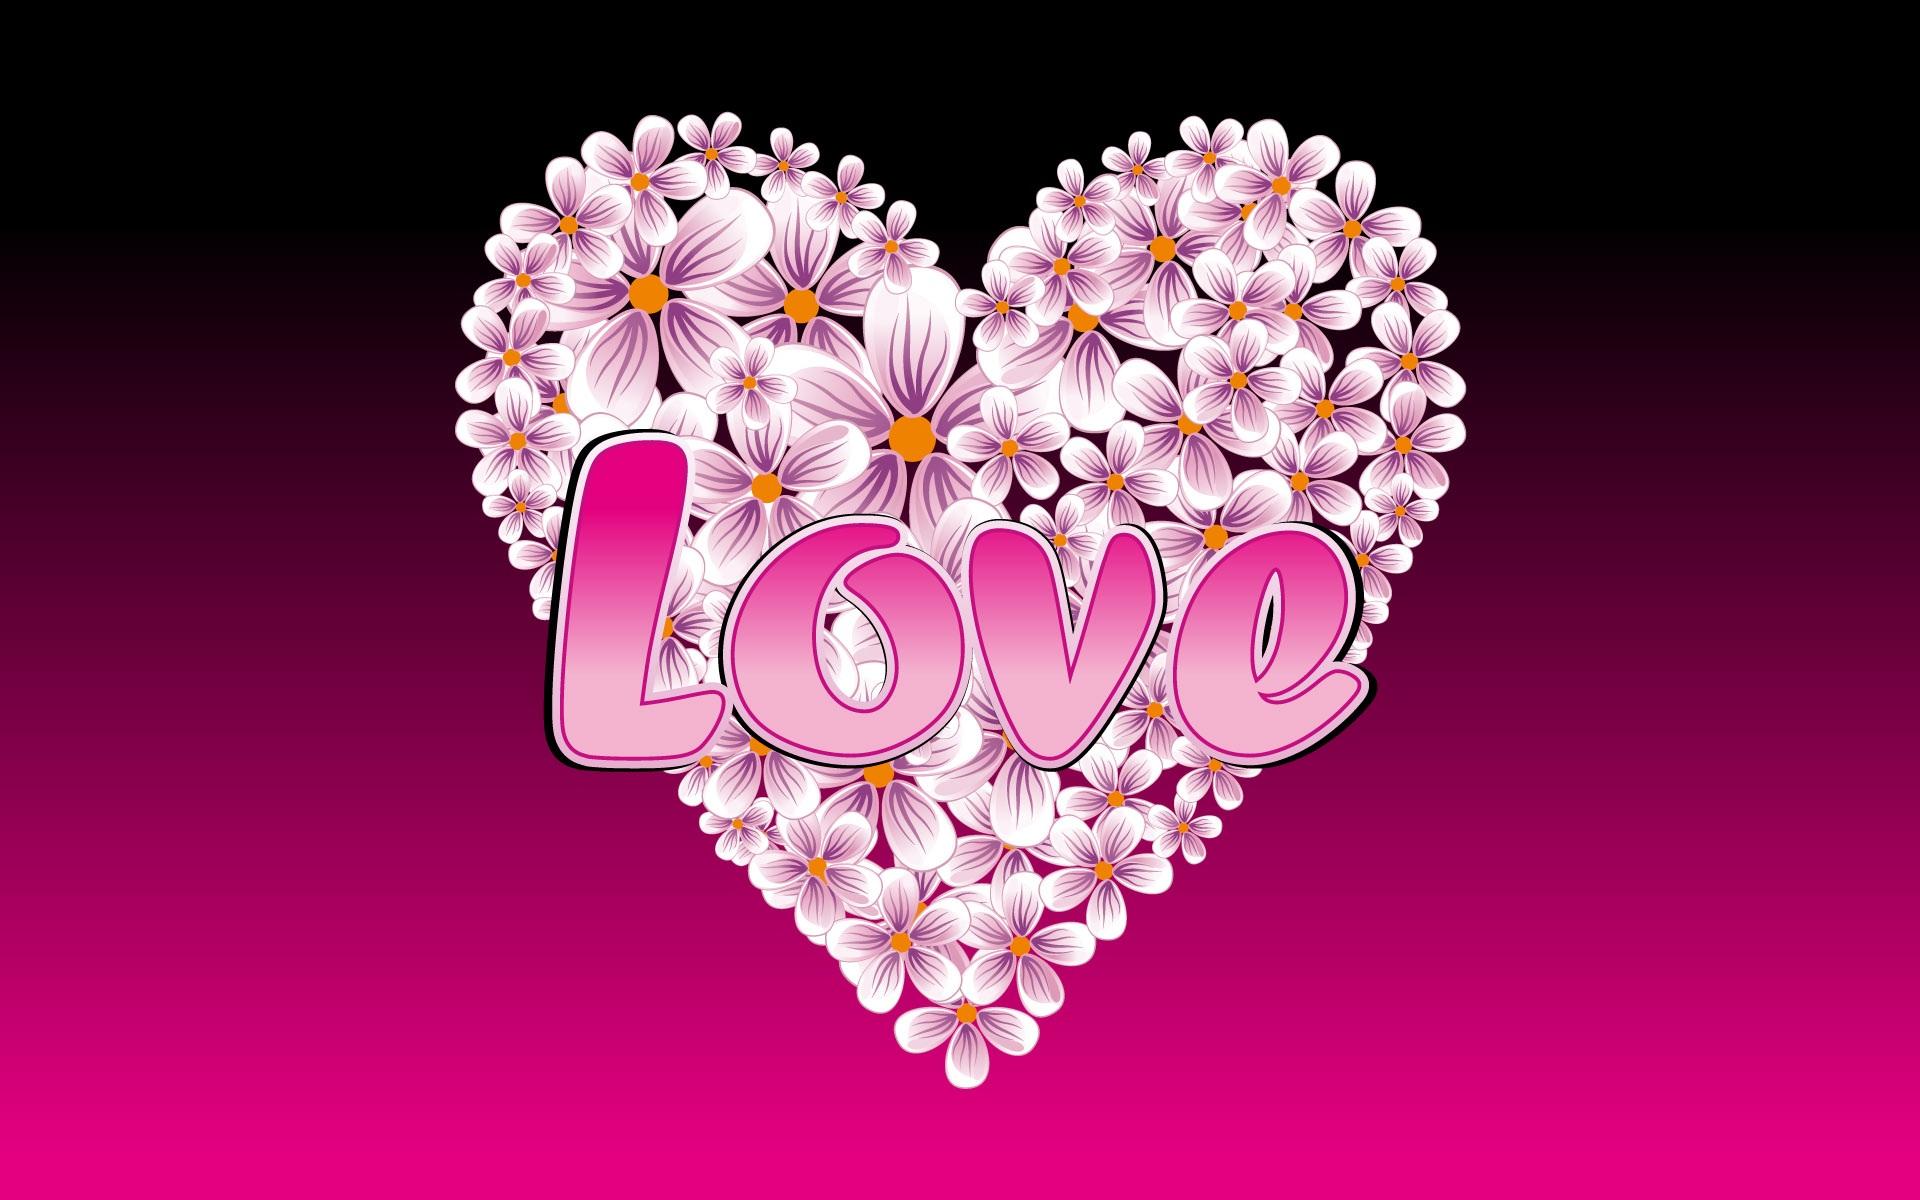 배경 화면 사랑의 하트 모양의 꽃 1920x1200 HD 그림, 이미지